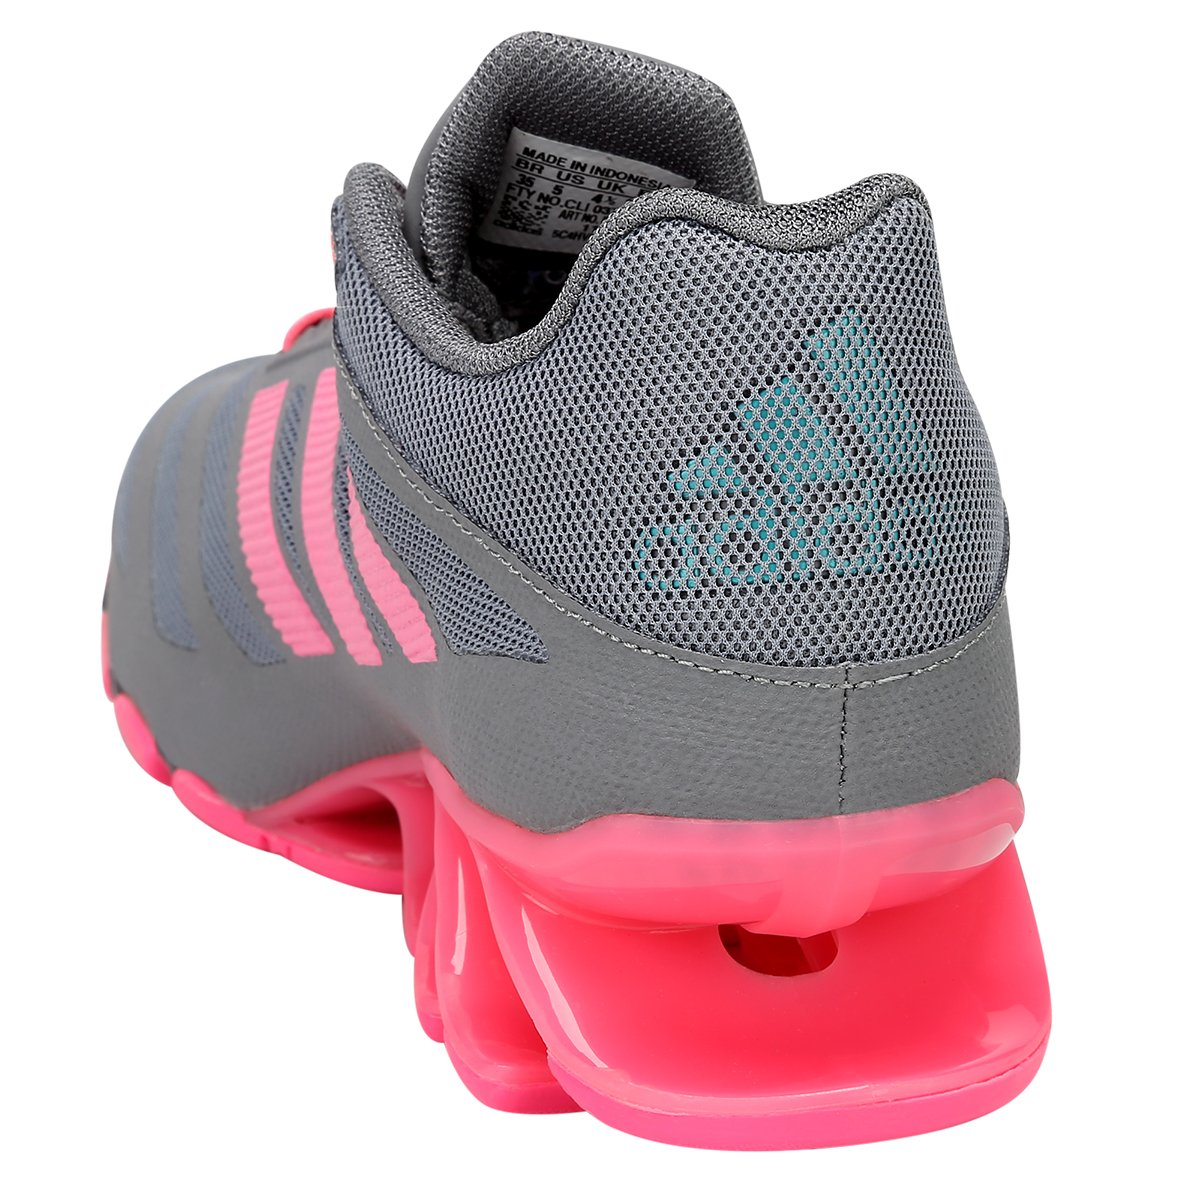 c82157ba398 new arrivals tenis adidas springblade 2 juvenil 65b75 1fa88